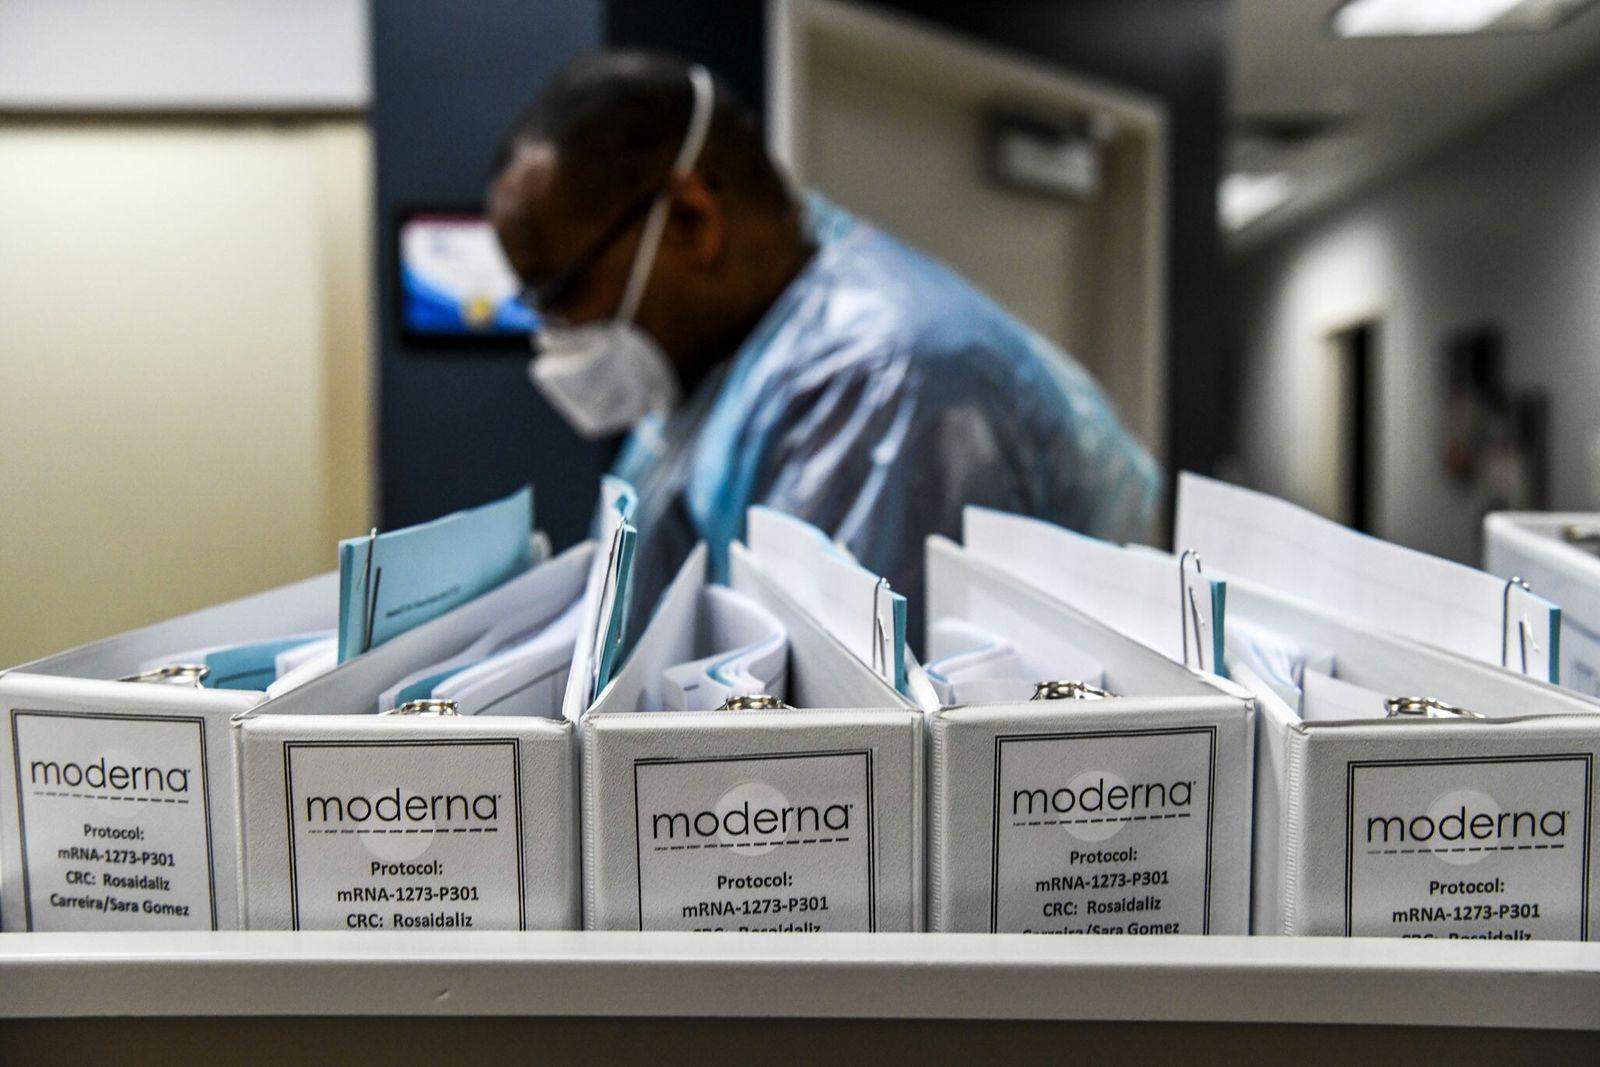 Por qué Moderna podría tener ventaja en la carrera por la vacuna anti-COVID-19: la refrigeración